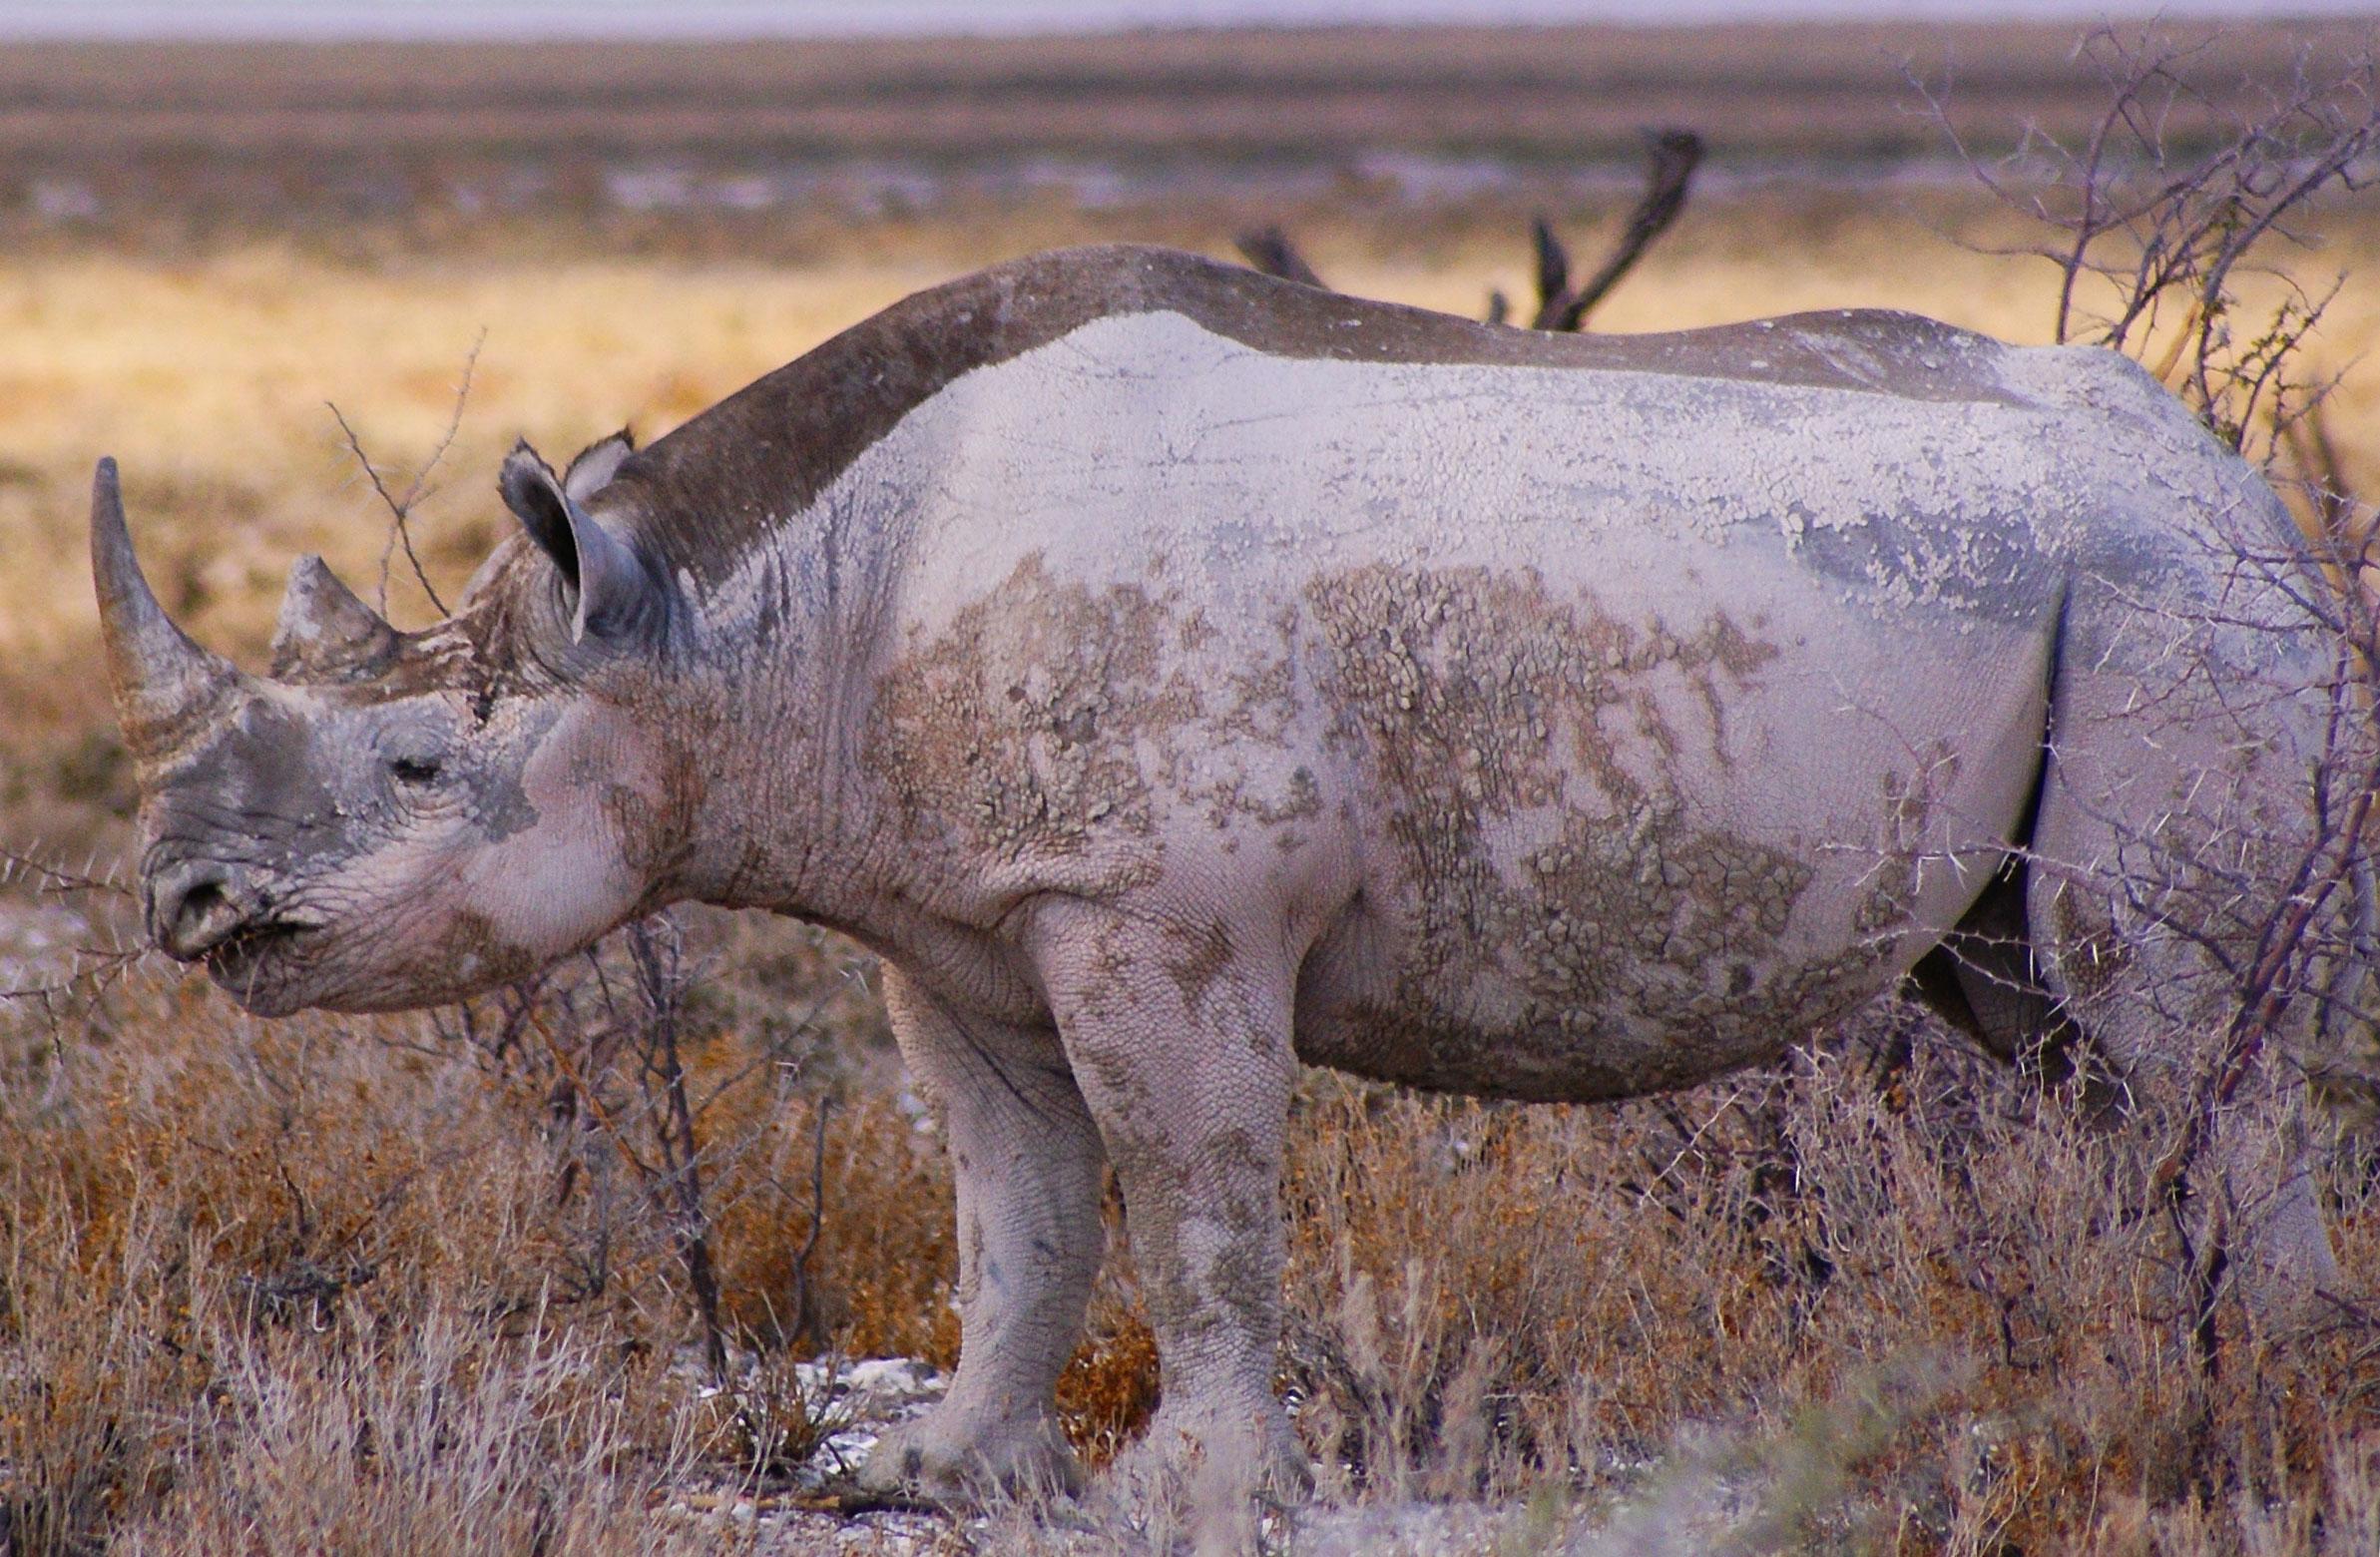 Namibia Safari Adventure - Etosha & Swakopmund Namibia Tour